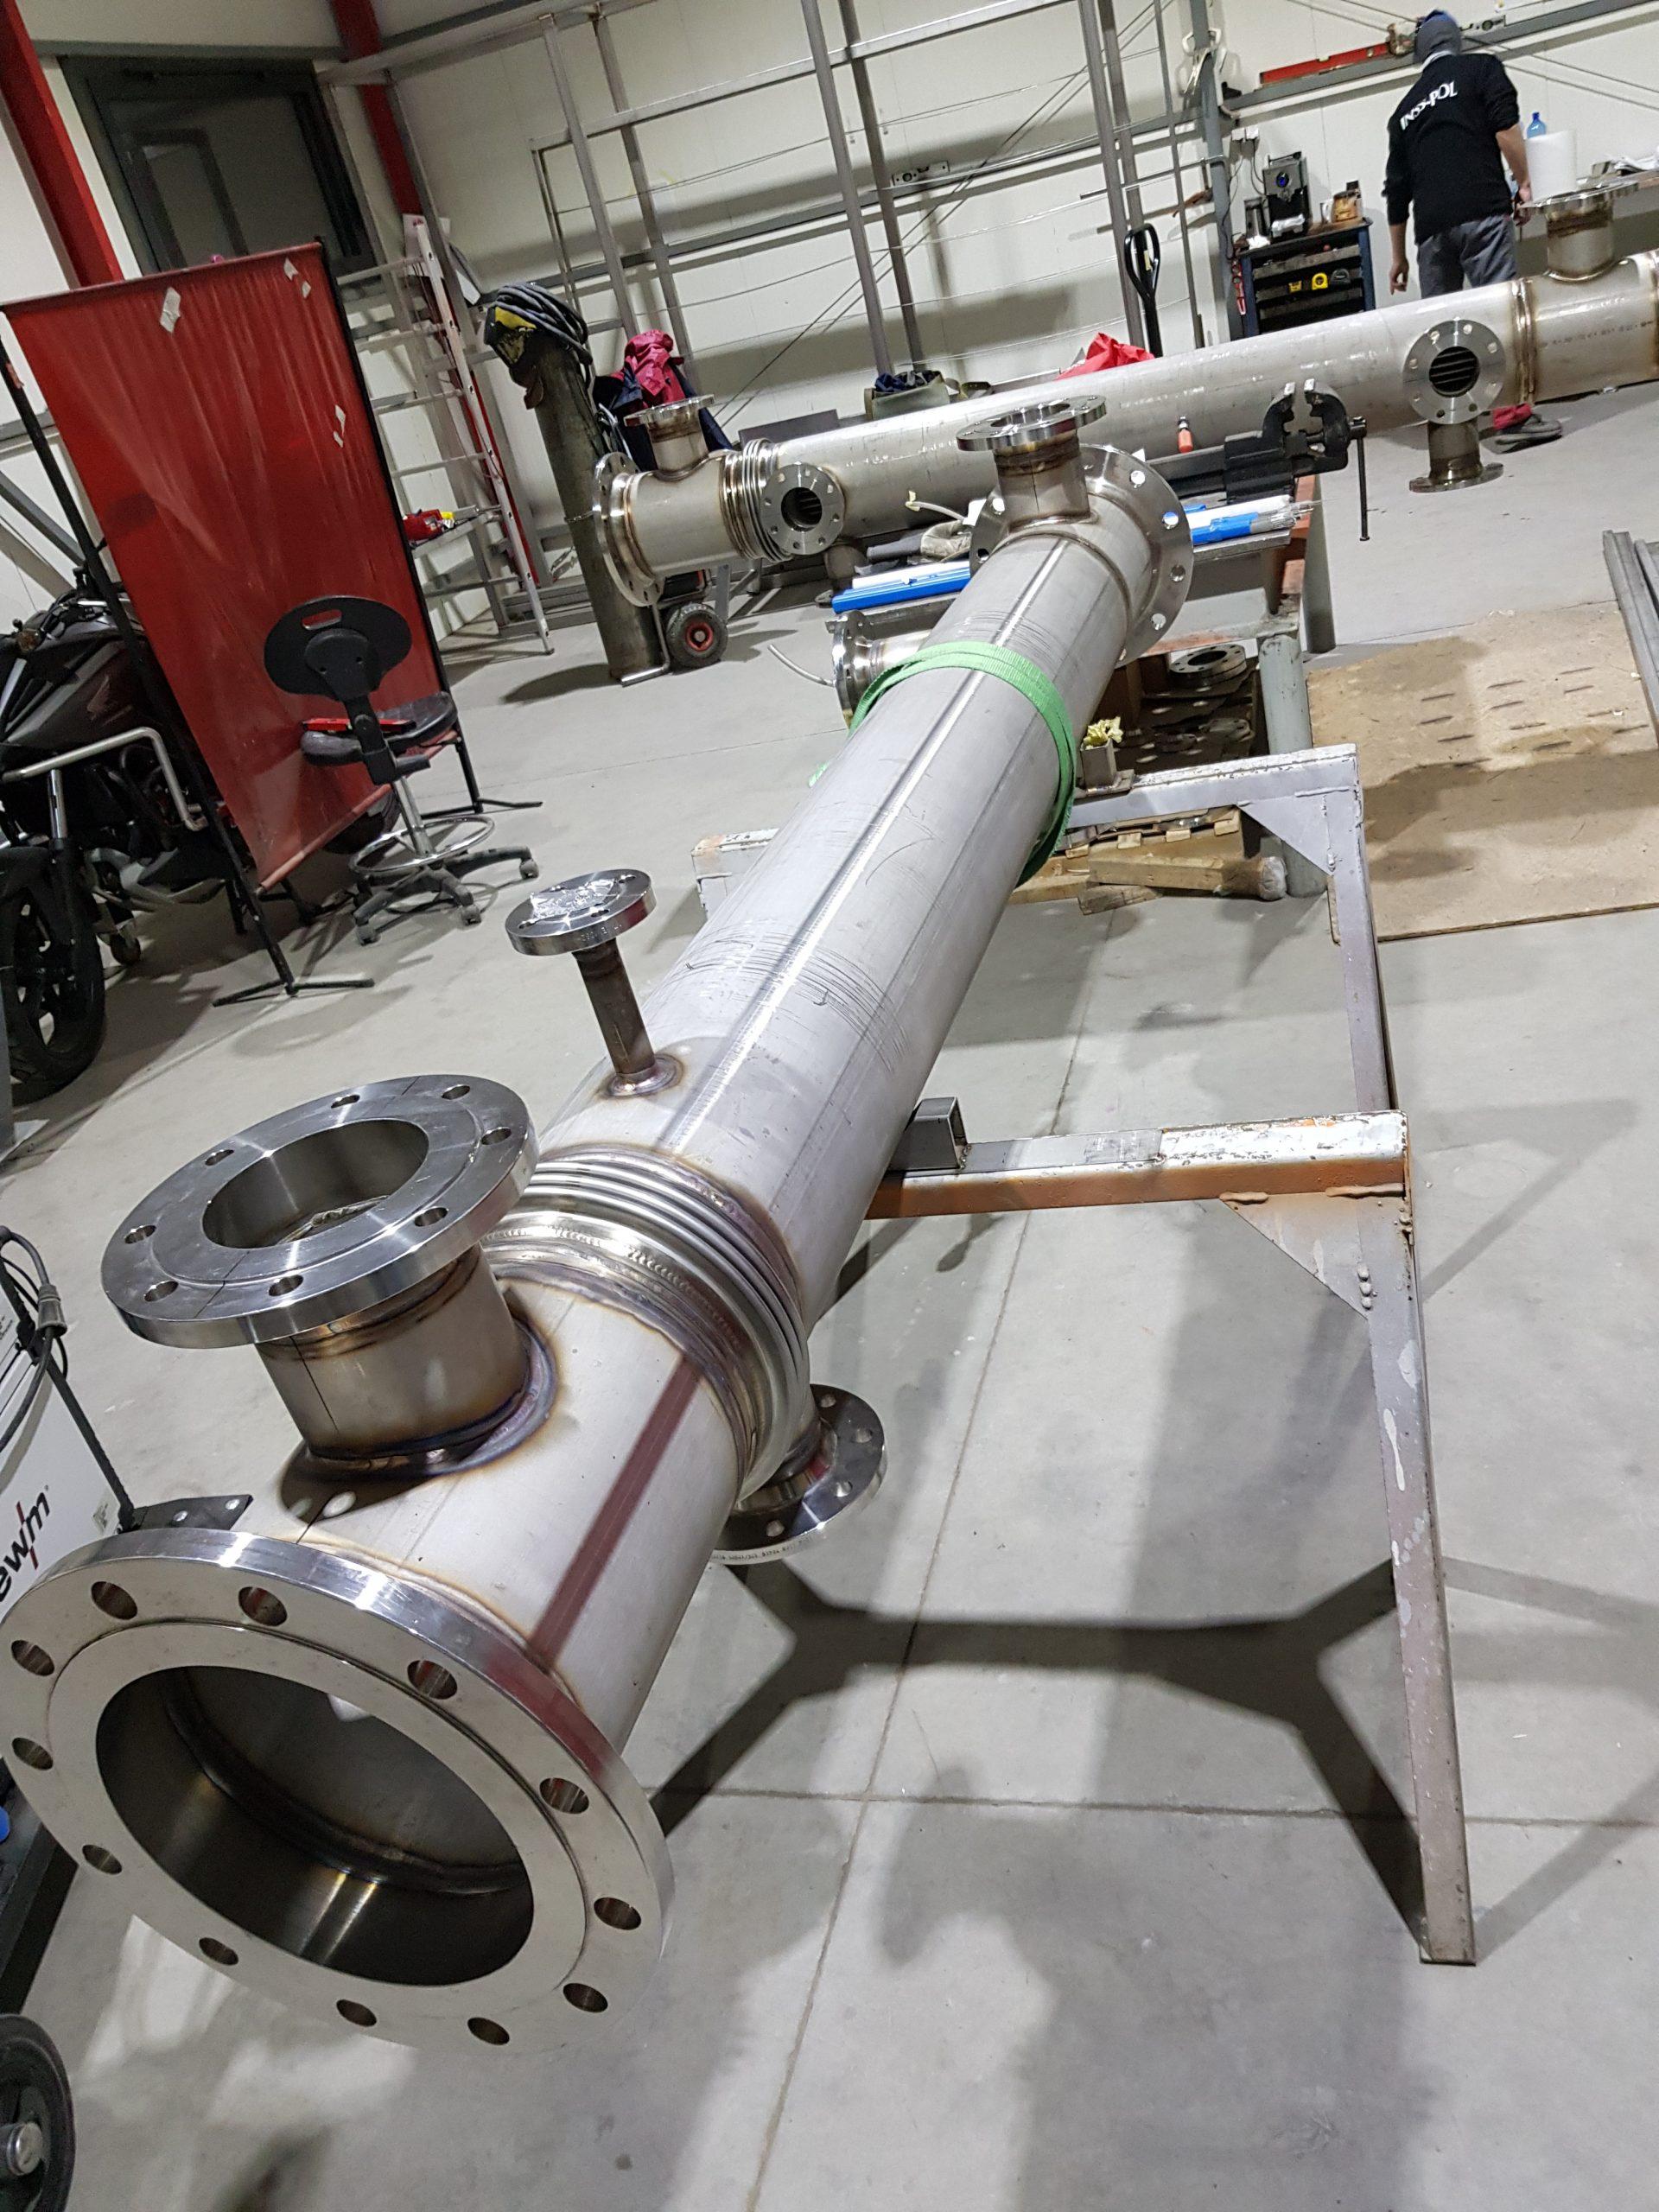 wymiennik-ciepla-2-sztuki-olej-termalny-250-stopni-podgrzewa-wode-procesowa